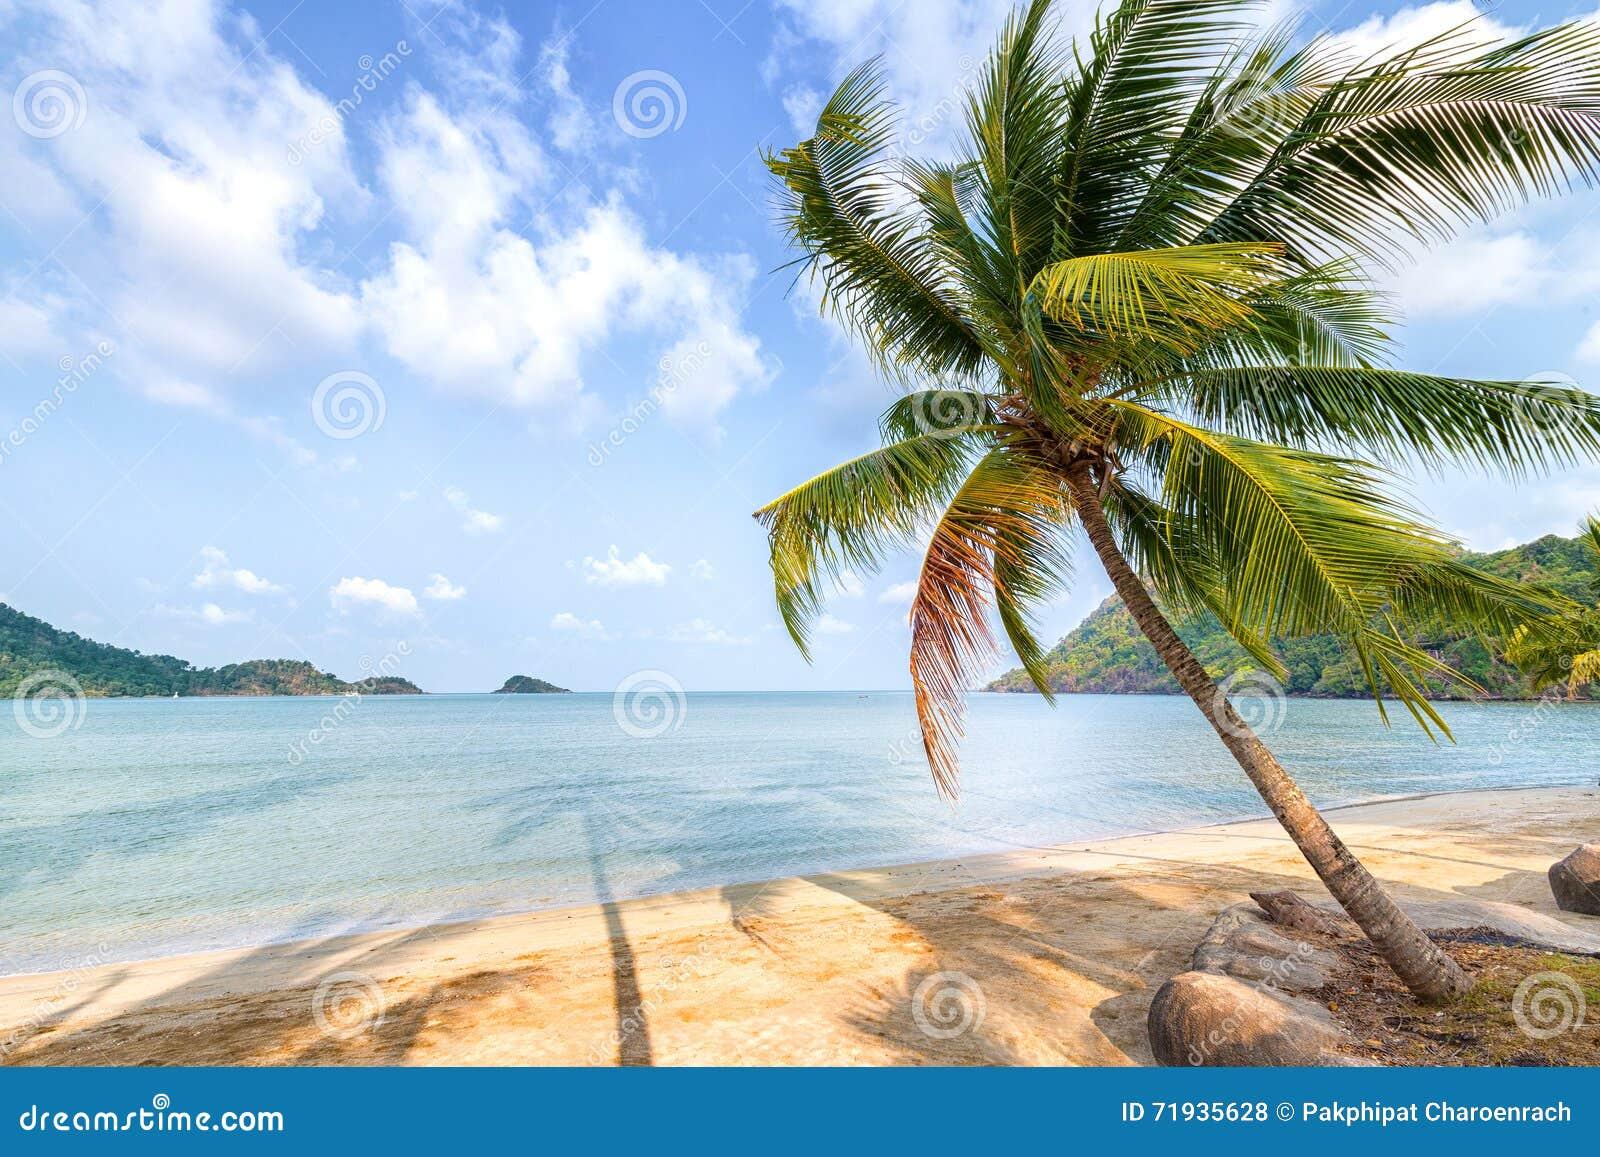 Пальма и пляж на тропическом острове